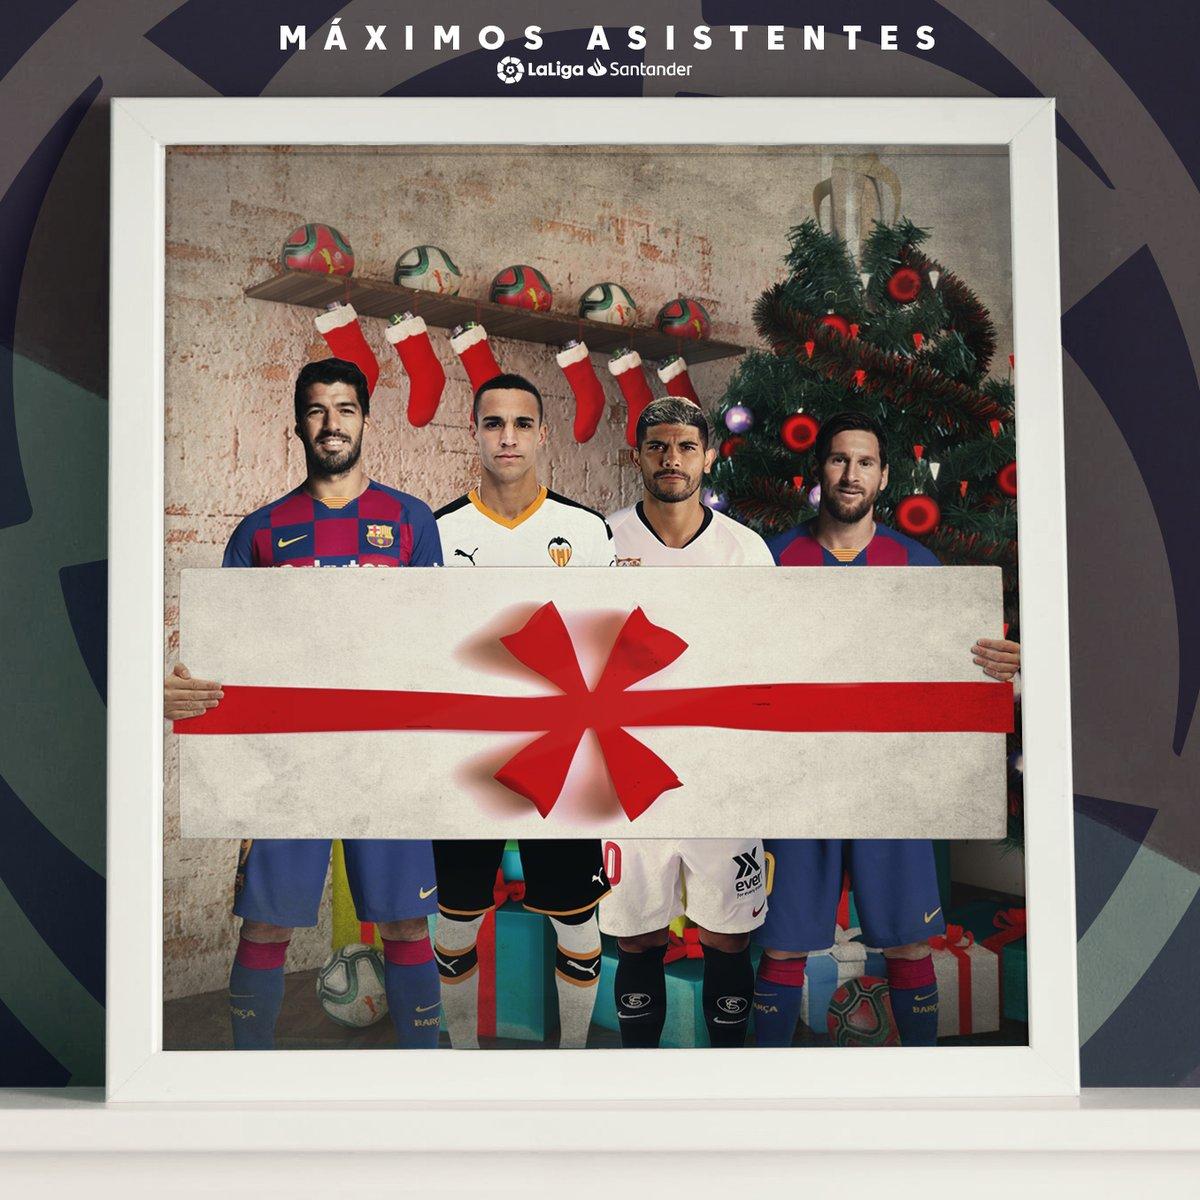 西甲官方:梅西等4位半程助攻王为您送来圣诞好礼